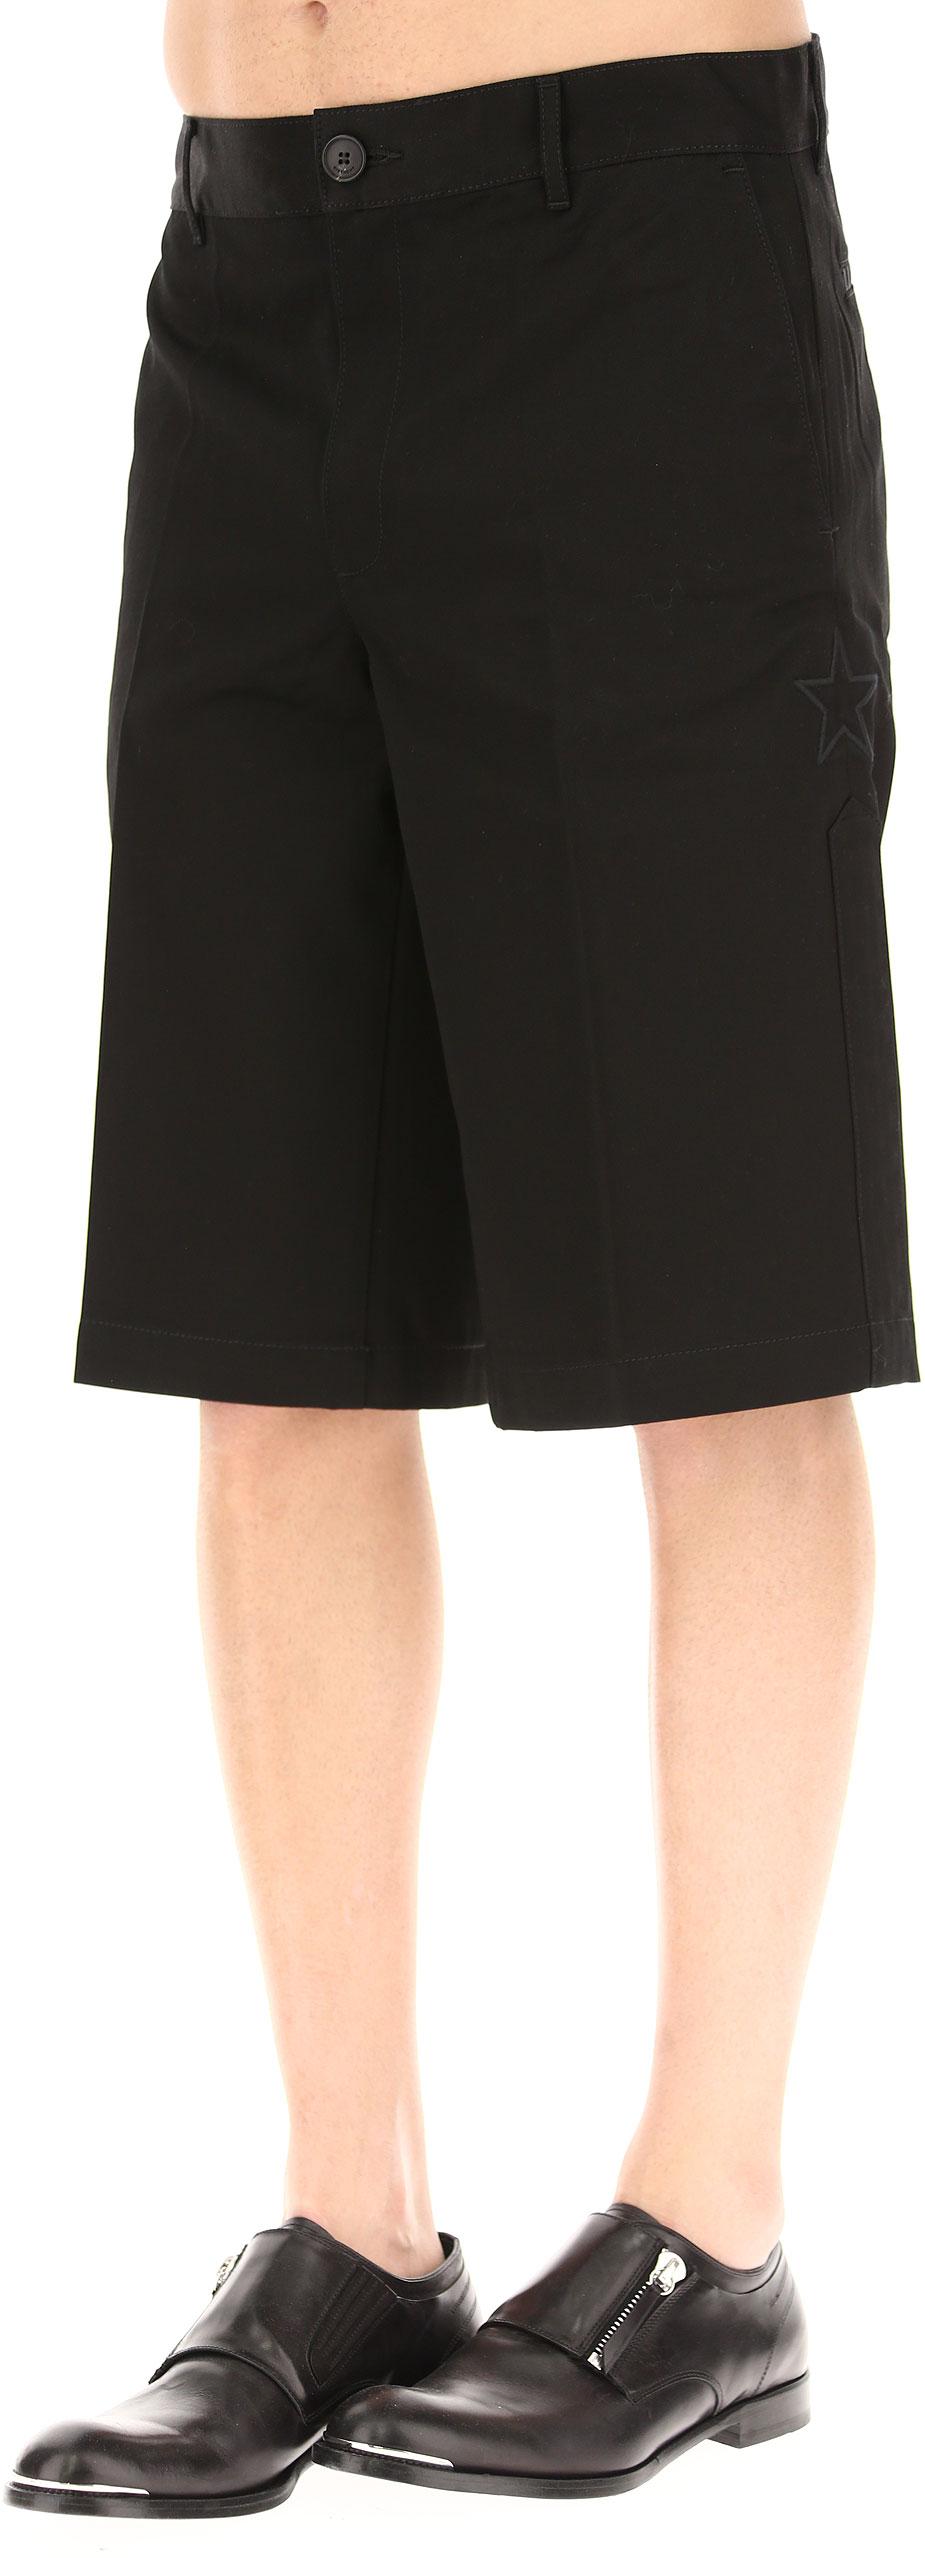 Abbigliamento Uomo Givenchy, Codice Articolo: 17s0916065001--